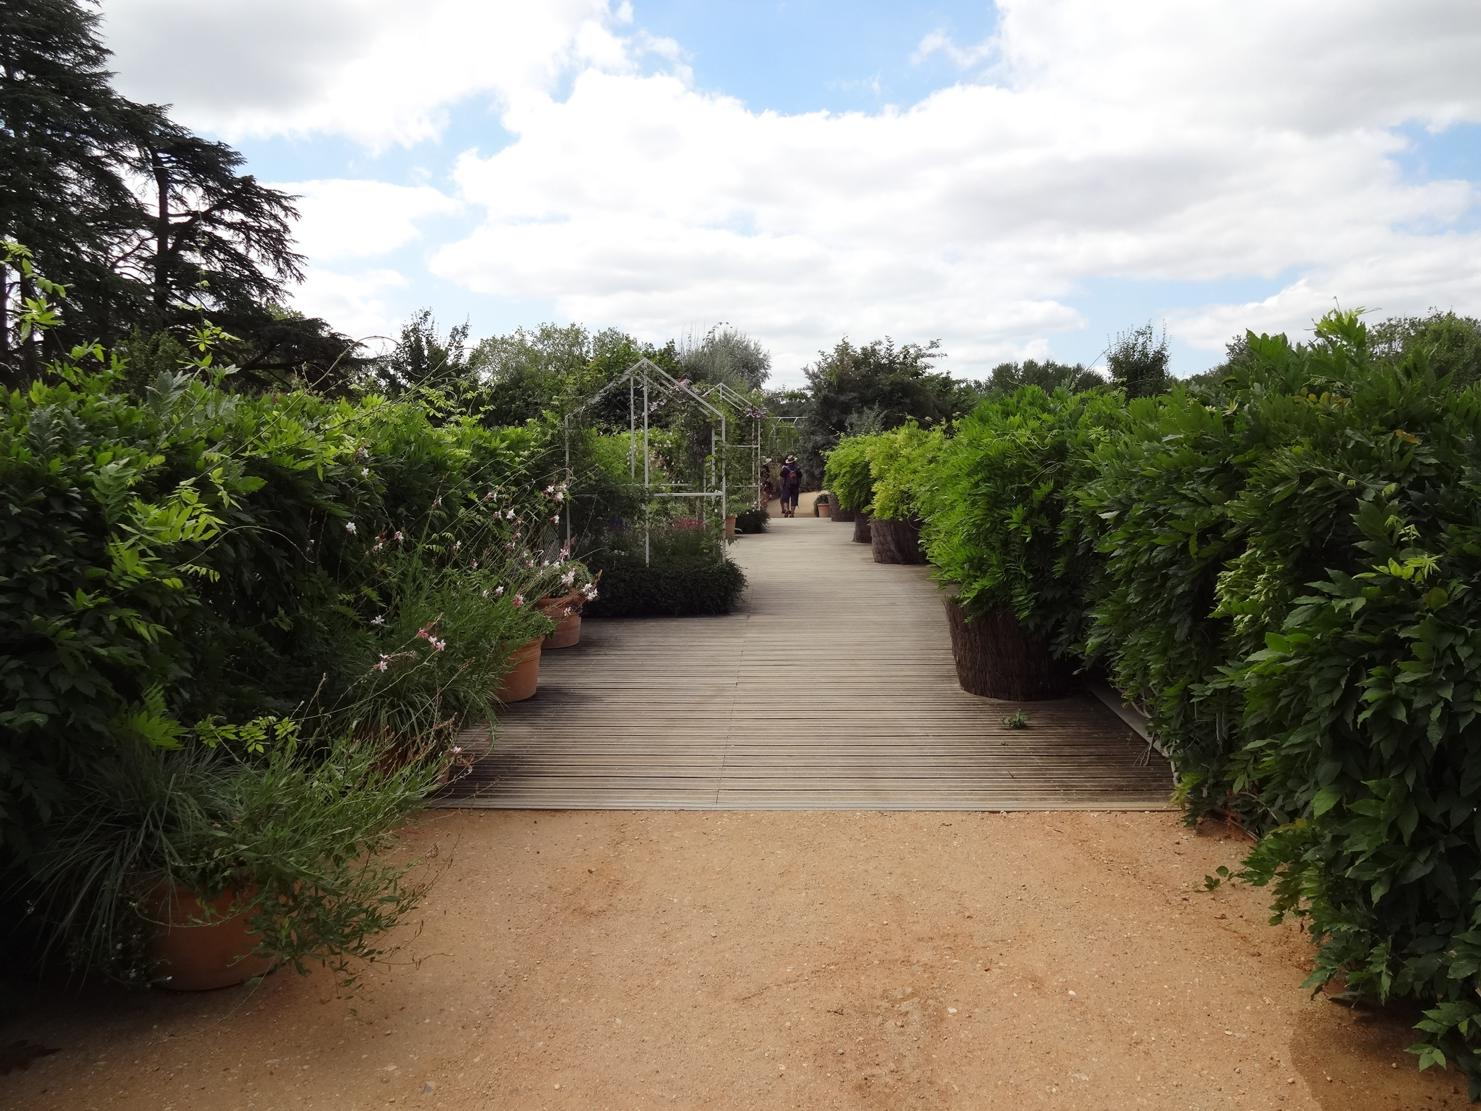 19 Chaumont sur Loire Entree Festival Jardin Pres Goualoup